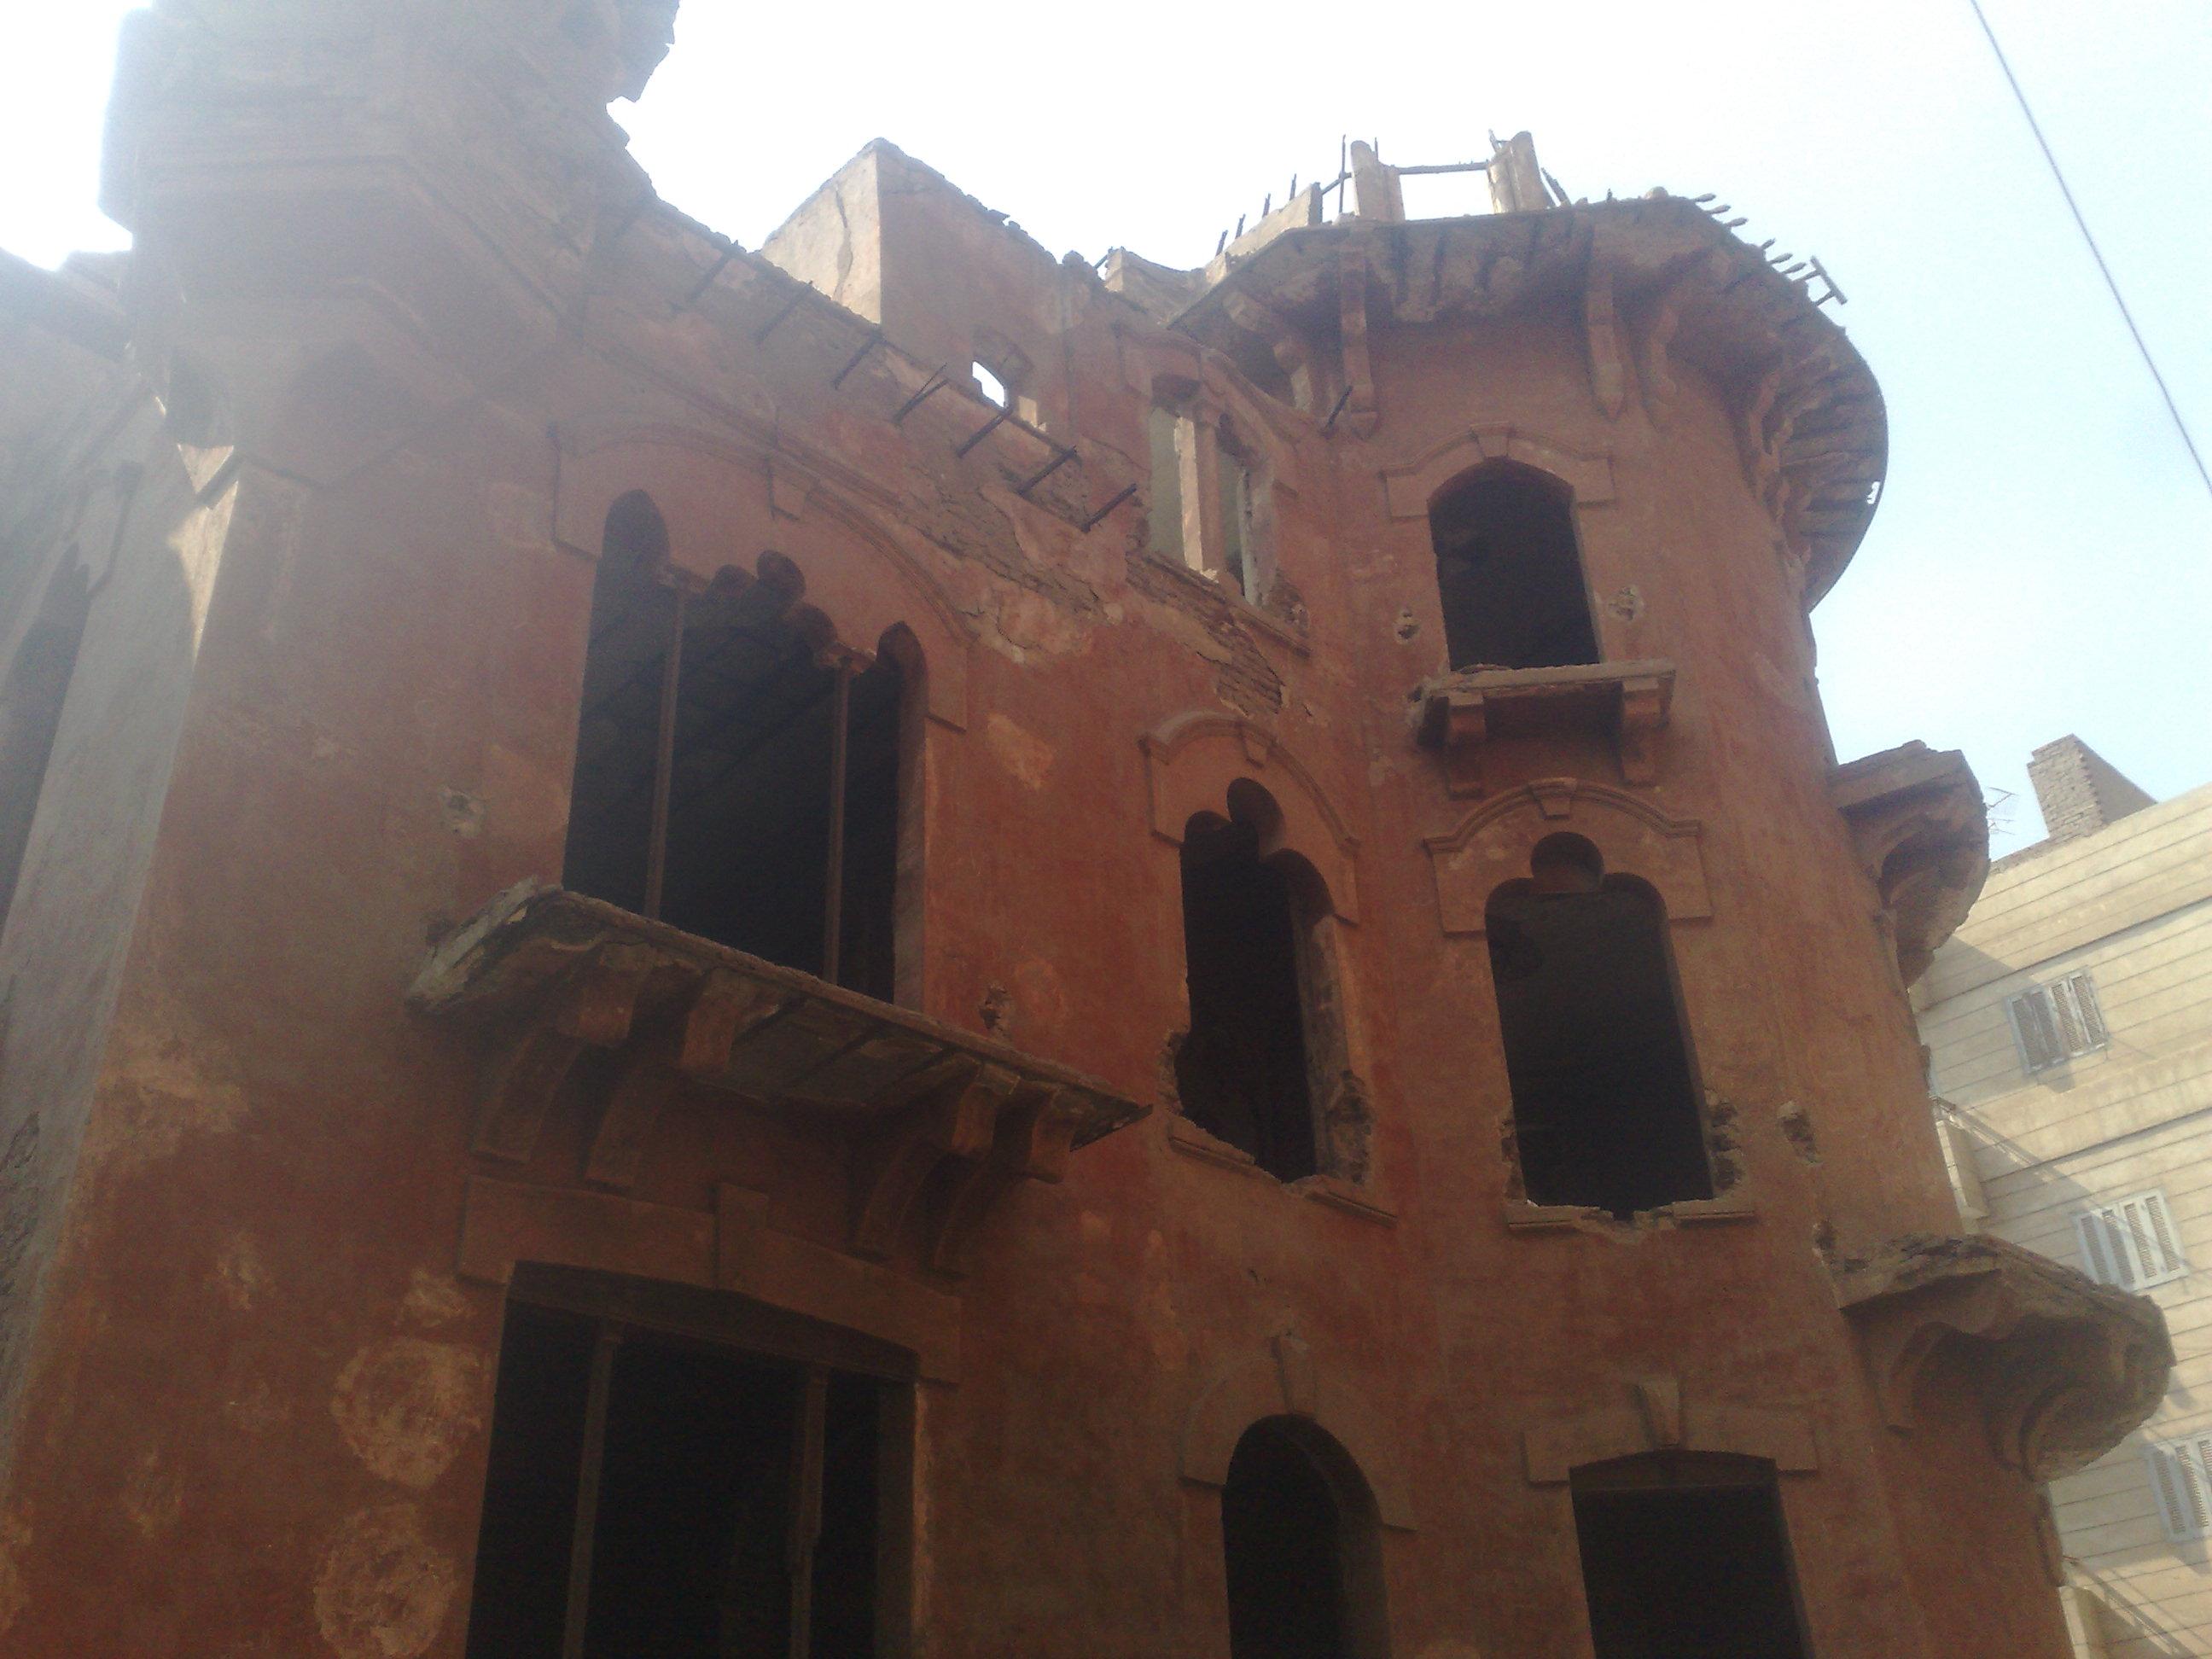 القصر الاحمر بالمنصورة وعلامات الاهمال تظهر عليه (5)